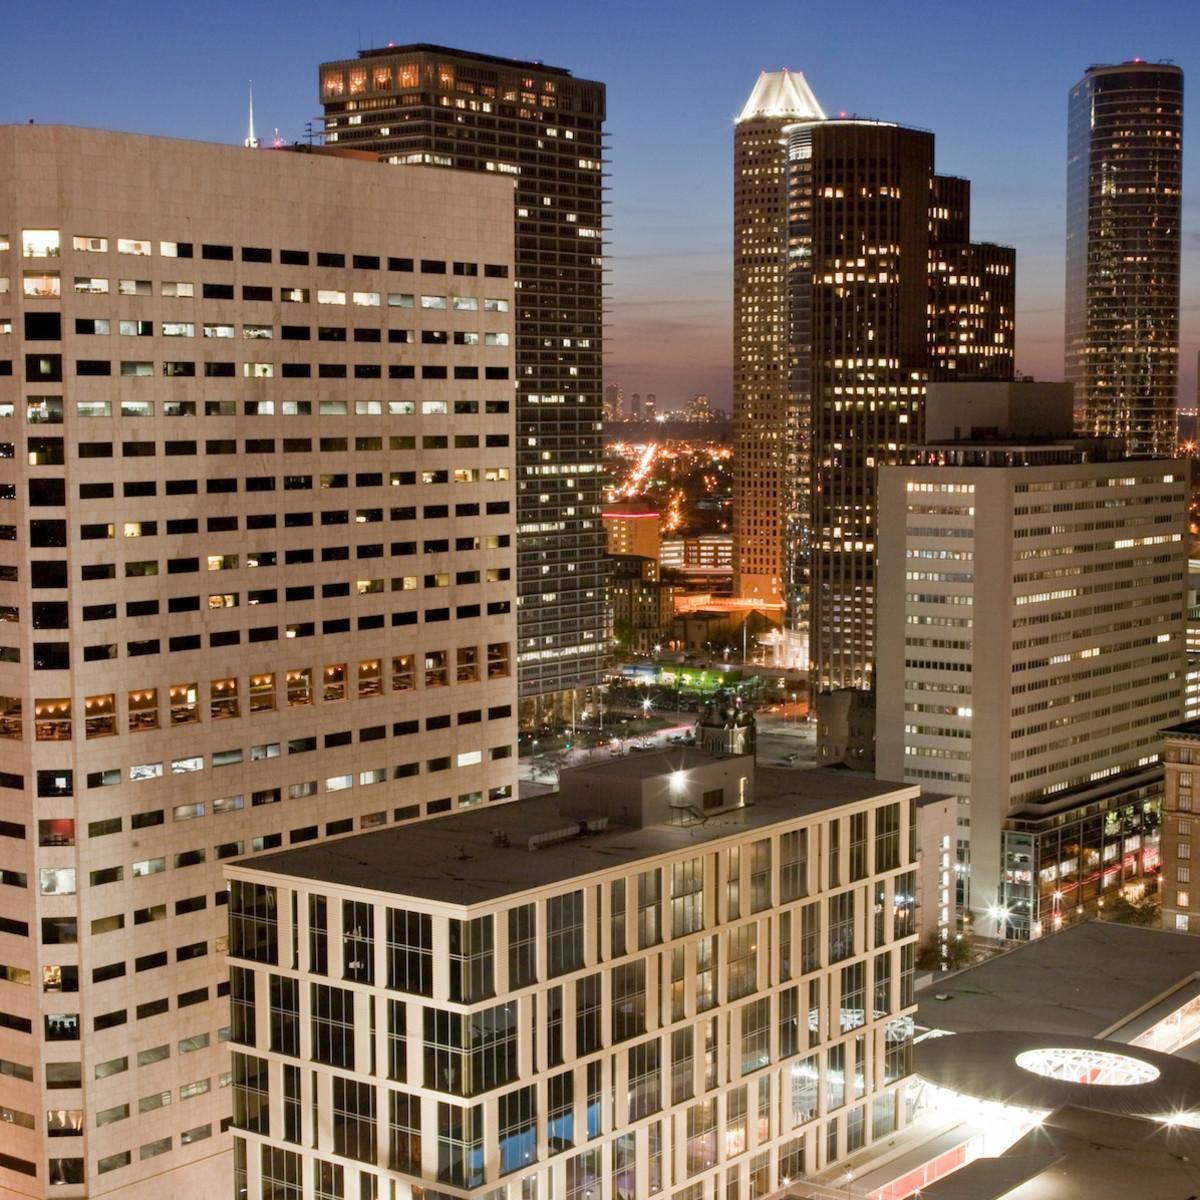 Places-Unique-Houston Pavilions-aerial-1